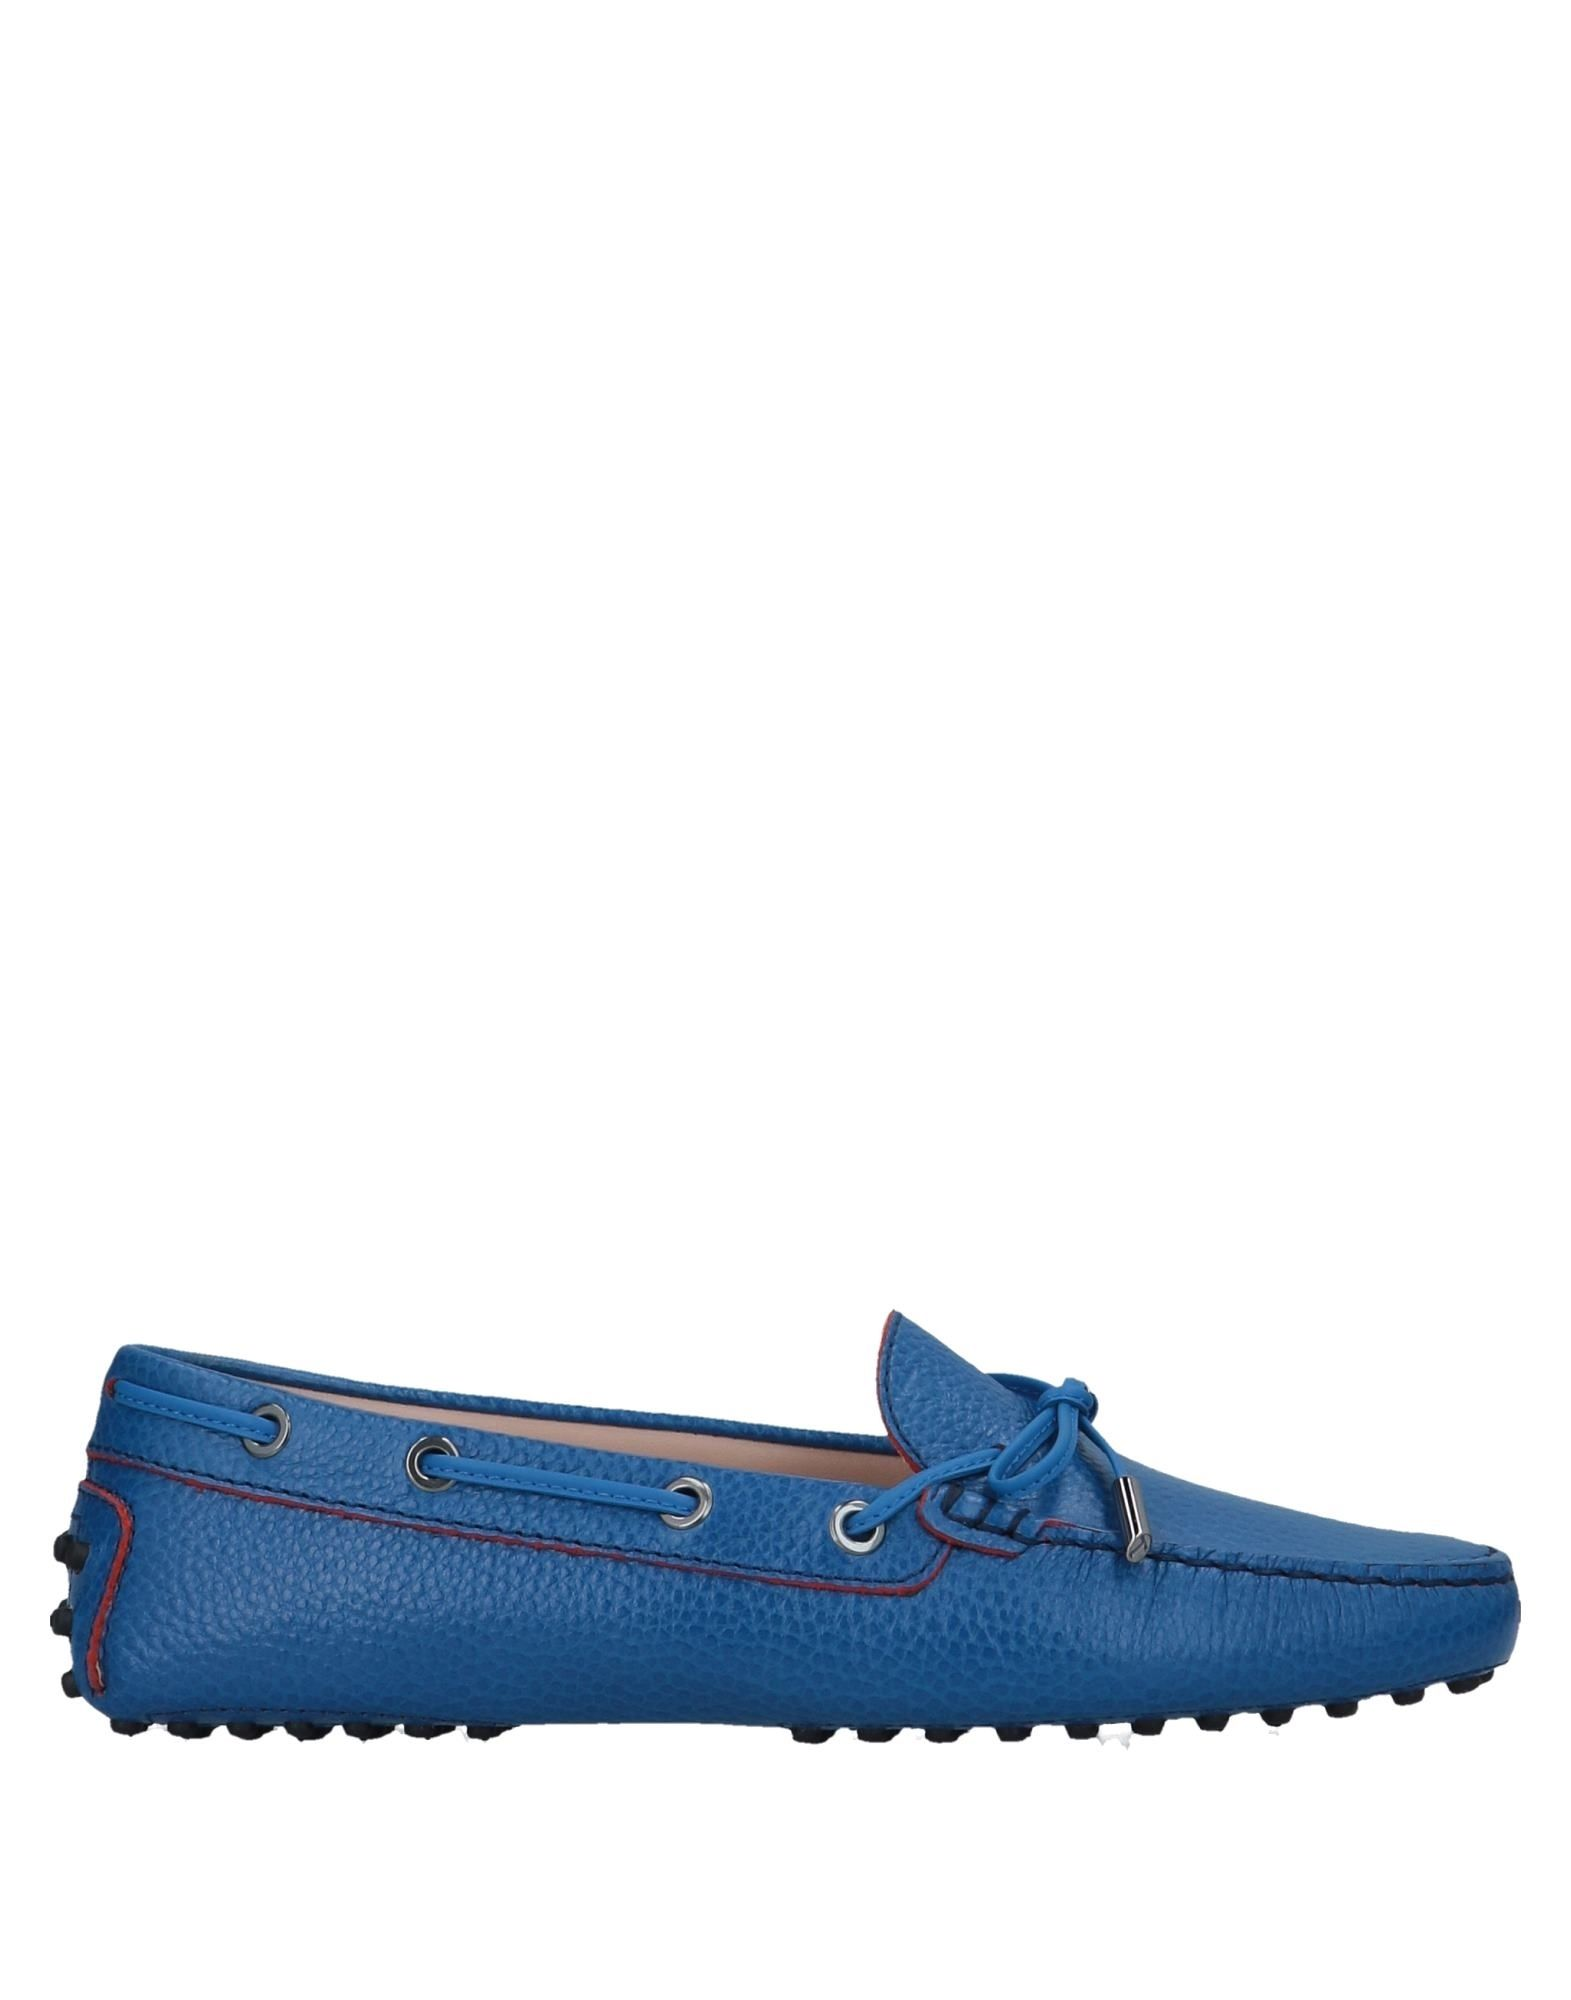 Nuevos hombres zapatos para hombres Nuevos y mujeres, descuento por tiempo limitado Mocasín Tod's Mujer - Mocasines Tod's  Blanco 3700a9